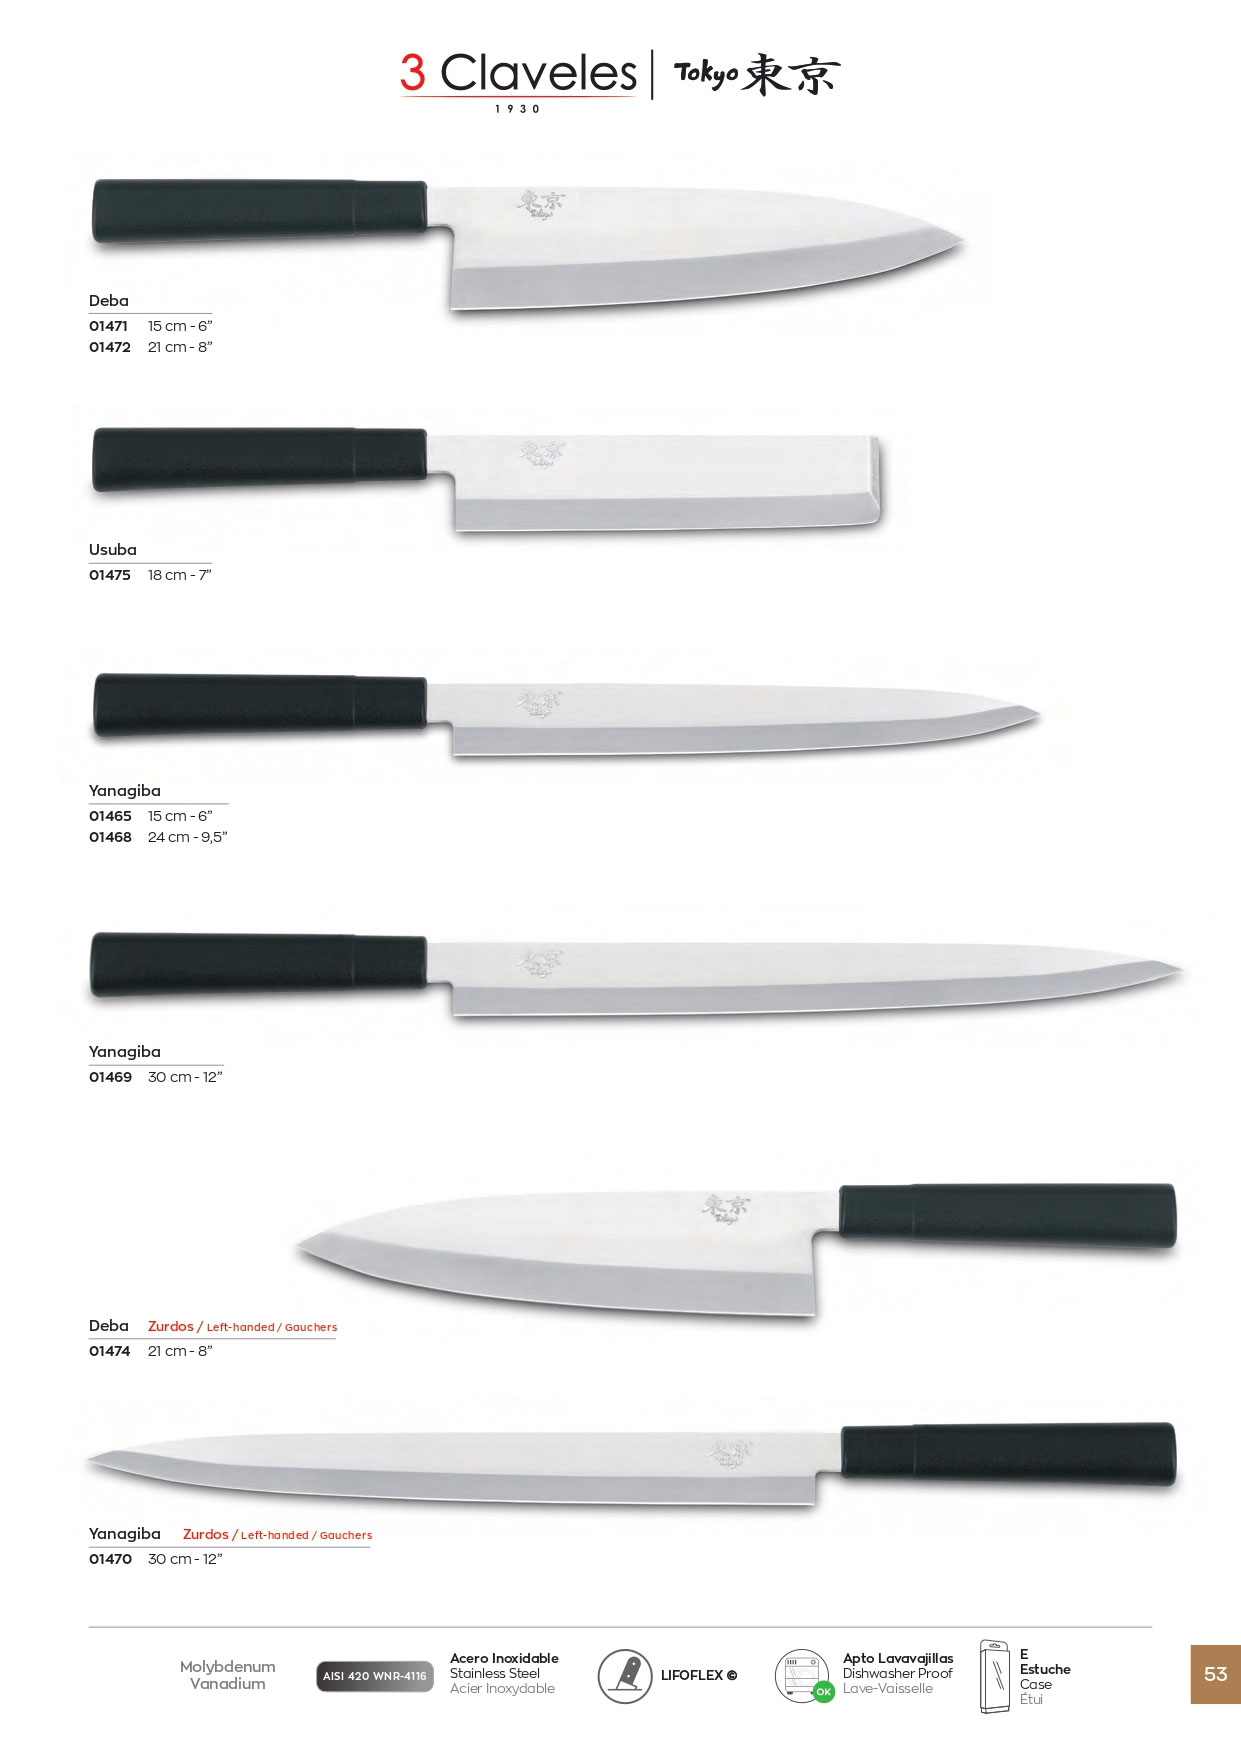 Professional knives cook cuchillos cocina tokyo 3 for Clases de cuchillos de mesa